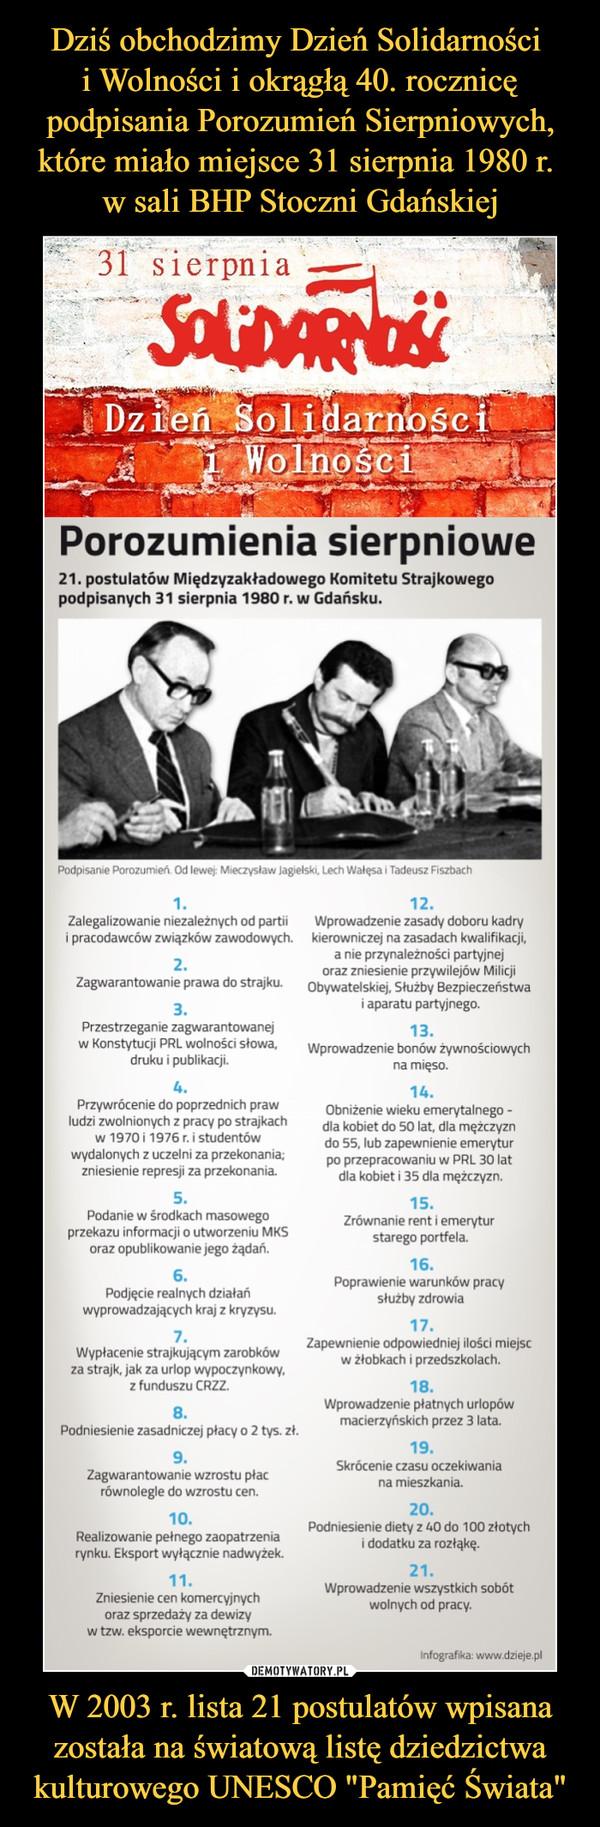 """W 2003 r. lista 21 postulatów wpisana została na światową listę dziedzictwa kulturowego UNESCO """"Pamięć Świata"""" –  Porozumienia sierpniowe21. postulatów Międzyzakładowego Komitetu Strajkowegopodpisanych 31 sierpnia 1980 r. w Gdańsku.1.Zalegalizowanie niezależnych od partiii pracodawców związków zawodowych.2.Zagwarantowanie prawa do strajku.3.Przestrzeganie zagwarantowanejw Konstytucji PHI wolności słowa,druku i publikacji.4.Przywrócenie do poprzednich prawludzi zwolnionych z pracy po strajkachw 1970 i 1976 r. i studentówwydalonych z uczelni za przekonania,zniesień ie represji za przekonania.5.Podanie w środkach masowegoprzekazu informacji o utworzeniu MKSoraz opublikowanie jego zadań.6.Podjecie realnych działańwyprowadzających kraj z kryzysu.7.Wypłacenie strajkującym zarobkówza strajk, jak za urlop wypoczynkowy,z funduszu CRZZ.8.Podniesienie zasadniczej płacy o 2 tys- zł.9.Zagwarantowanie wzrostu płacrównolegle do wzrostu cen.10.Realizowanie pełnego zaopatrzeniarynku Eksport wyłącznie nadwyżek.11.Zniesienie cen komercyjnychoraz sprzedaży za dewizyw tzw. eksporcie wewnętrznym.12.Wprowadzenie zasady doboru kadrykierowniczej na zasadach kwalifikacji,a n»e przynależności partyjnejoraz zniesienie przywilejów MilicjiObywatelskiej. Służby Bezpieczeństwai aparatu partyjnego.13.Wprowadzenie bonów zywrościowychna mięso.14.Obniżenie wieku emerytalnego -dla kobiet do 50 lat dla mężczyzndo 55. lub zapewnienie emeryturpo przepracowaniu w PRL BO latdla kobiet i 35 da mężczyzn,15.Zrównanie rent i emeryturstarego portfela.16.Poprawienie warunków pracysłużby zdrowia17.Zapewnień* odpowiedniej ilości miejscw żłobkach i przedszkolach.18.Wprowadzenie płatnych urlopówmacierzyńskich przez 3 lata.19.Skrócenie czasu oczekiwaniana nueszkania.20.Podniesienie diety z WJ do 100 złotychi dodatku za rozłąkę.21.Wprowadzenie wszystkich sobólwolnych od pracy.nfograf** «ww rJae.e pl"""